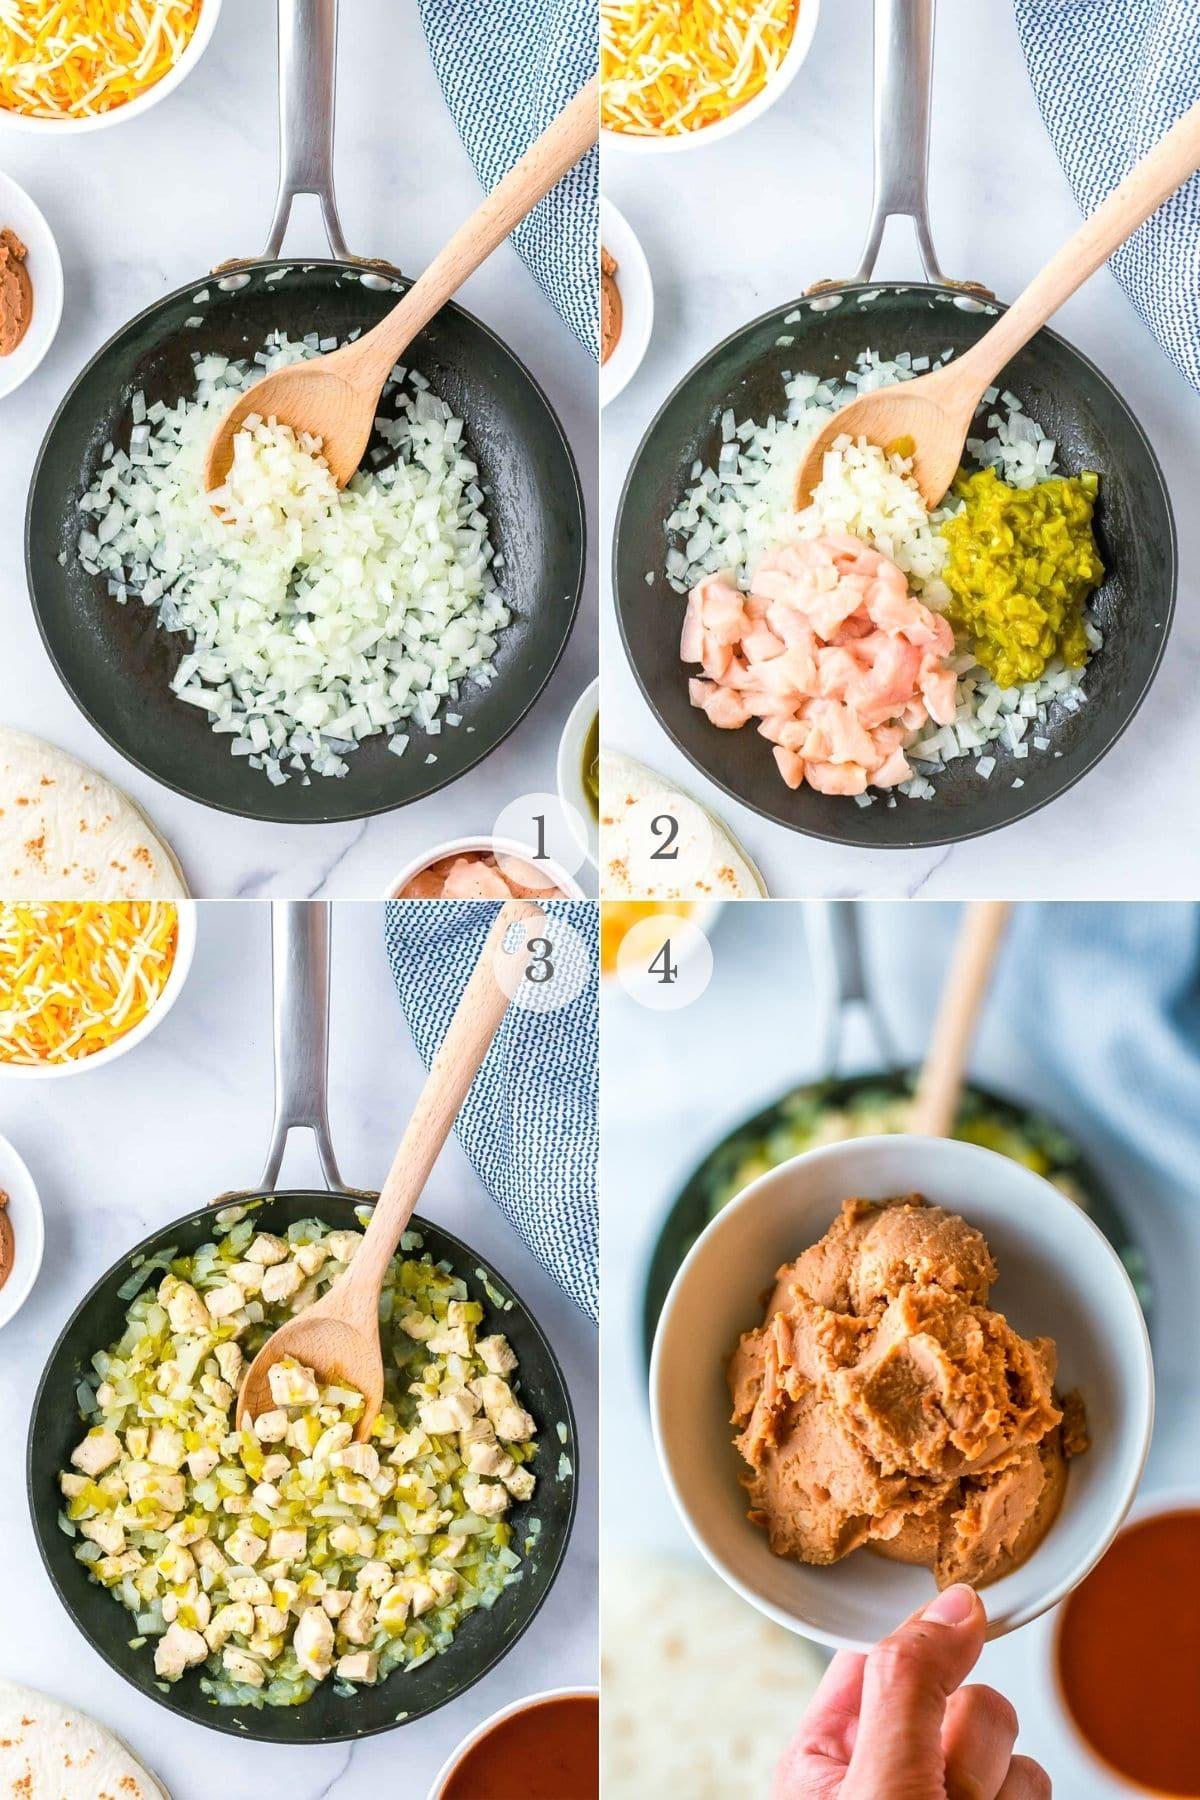 chicken enchiladas recipe steps 1-4